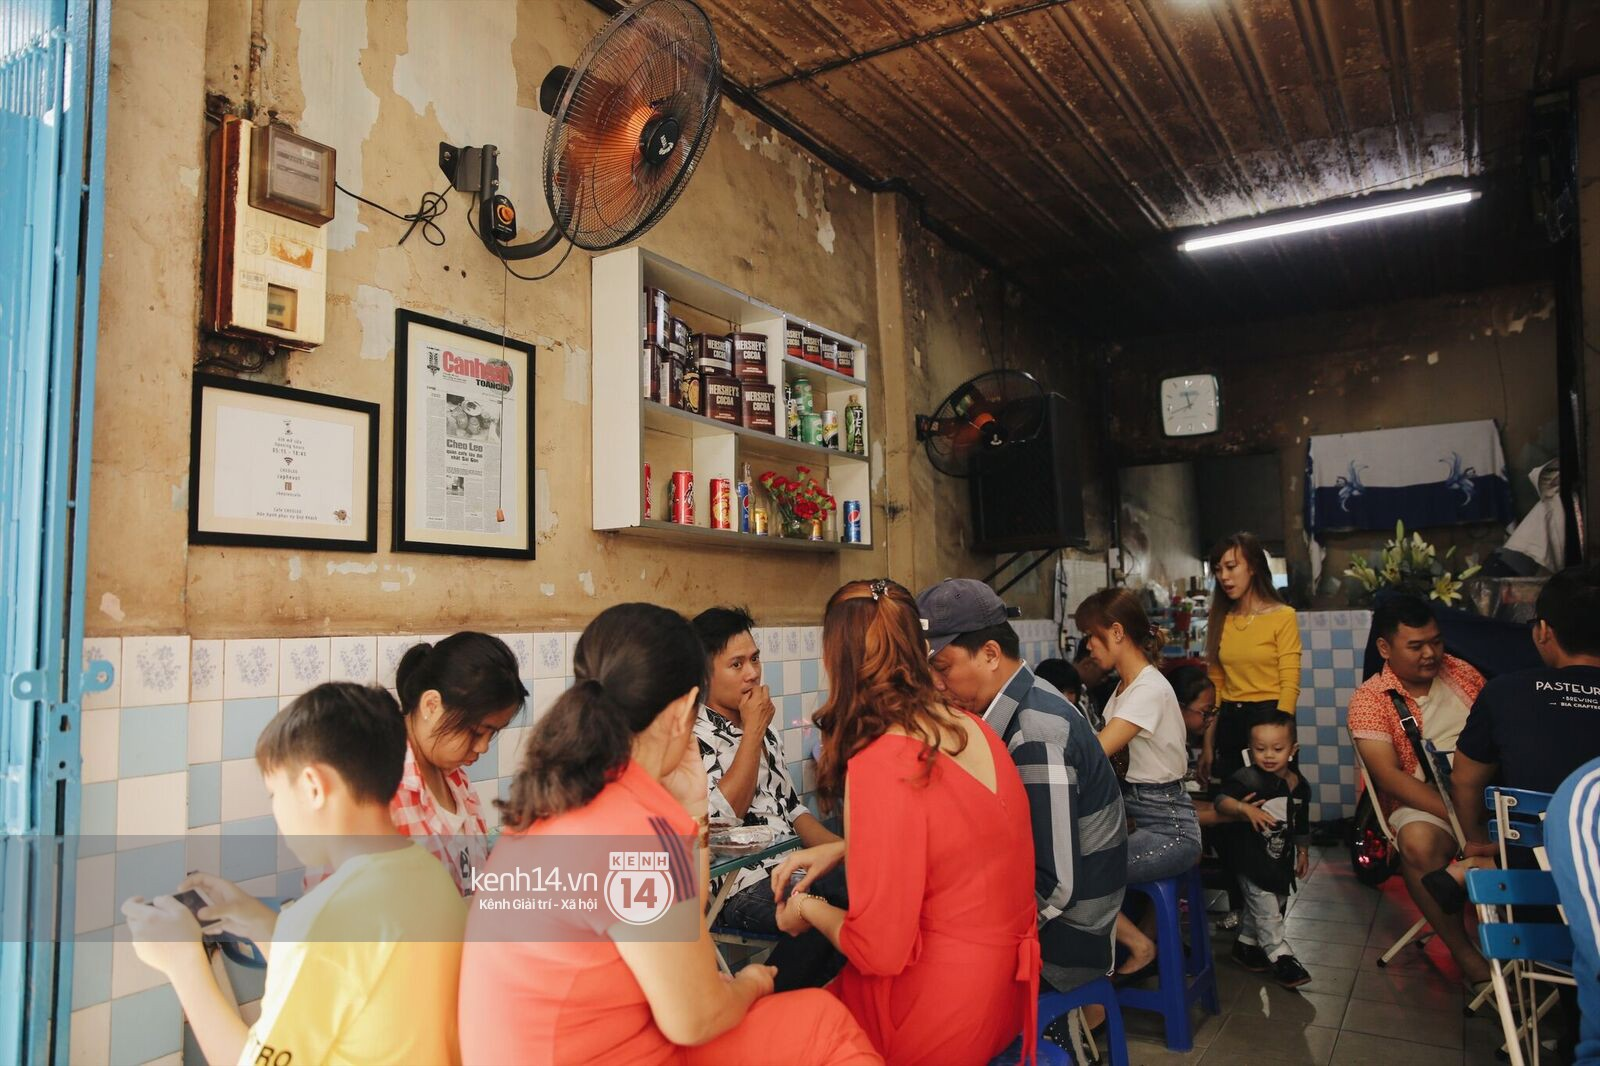 Không khí nhộn nhịp ngày đầu năm tại quán cafe vợt lâu đời nhất Sài Gòn, gần 80 năm chỉ nghỉ đúng ngày 30 Tết - Ảnh 1.